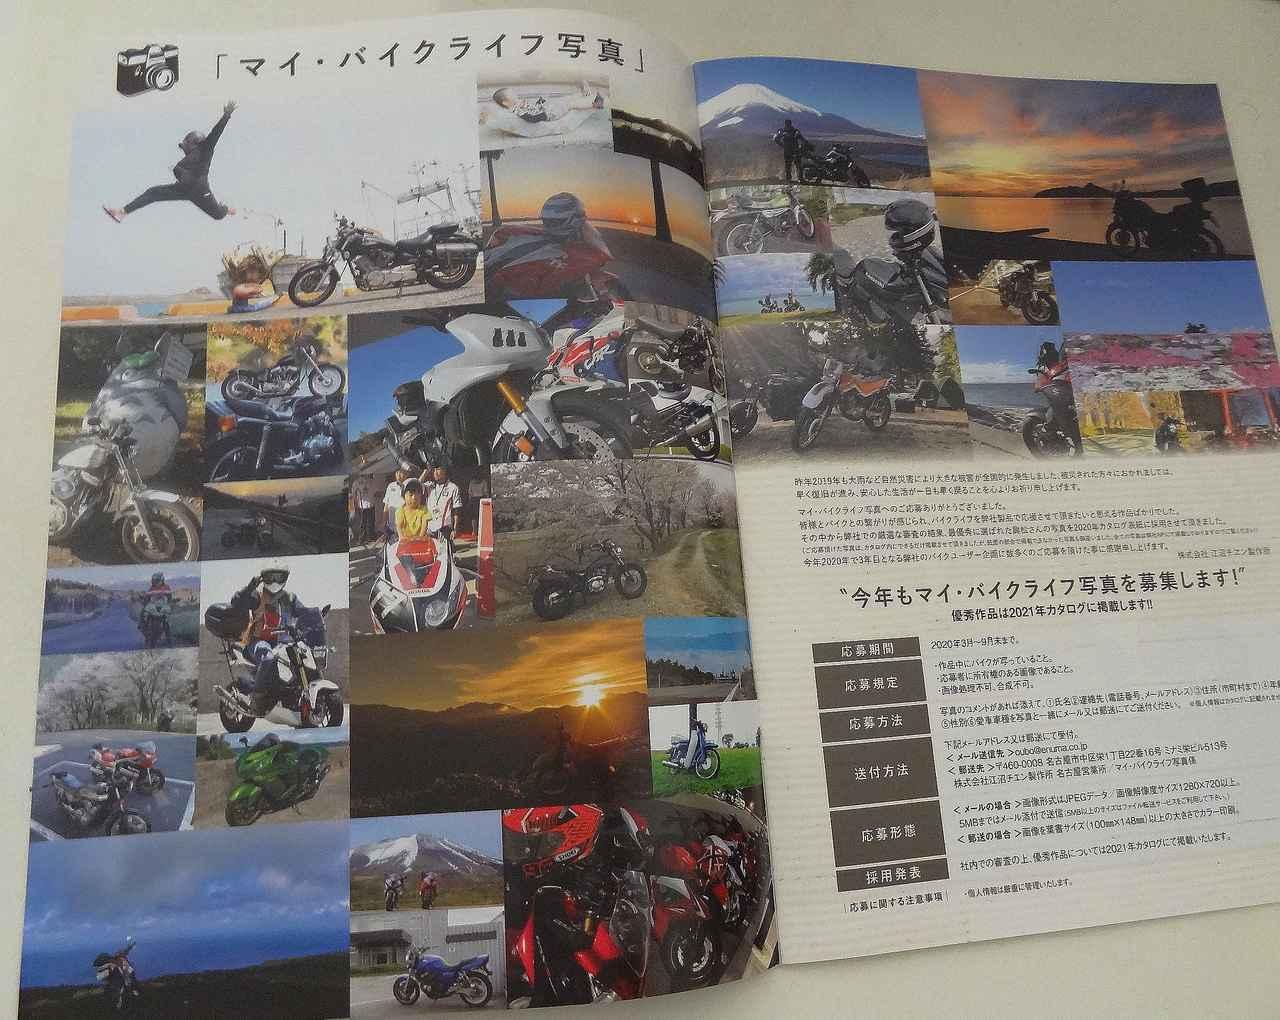 画像: 巻頭には同社カタログの目玉、ライダーから募った写真を掲載している